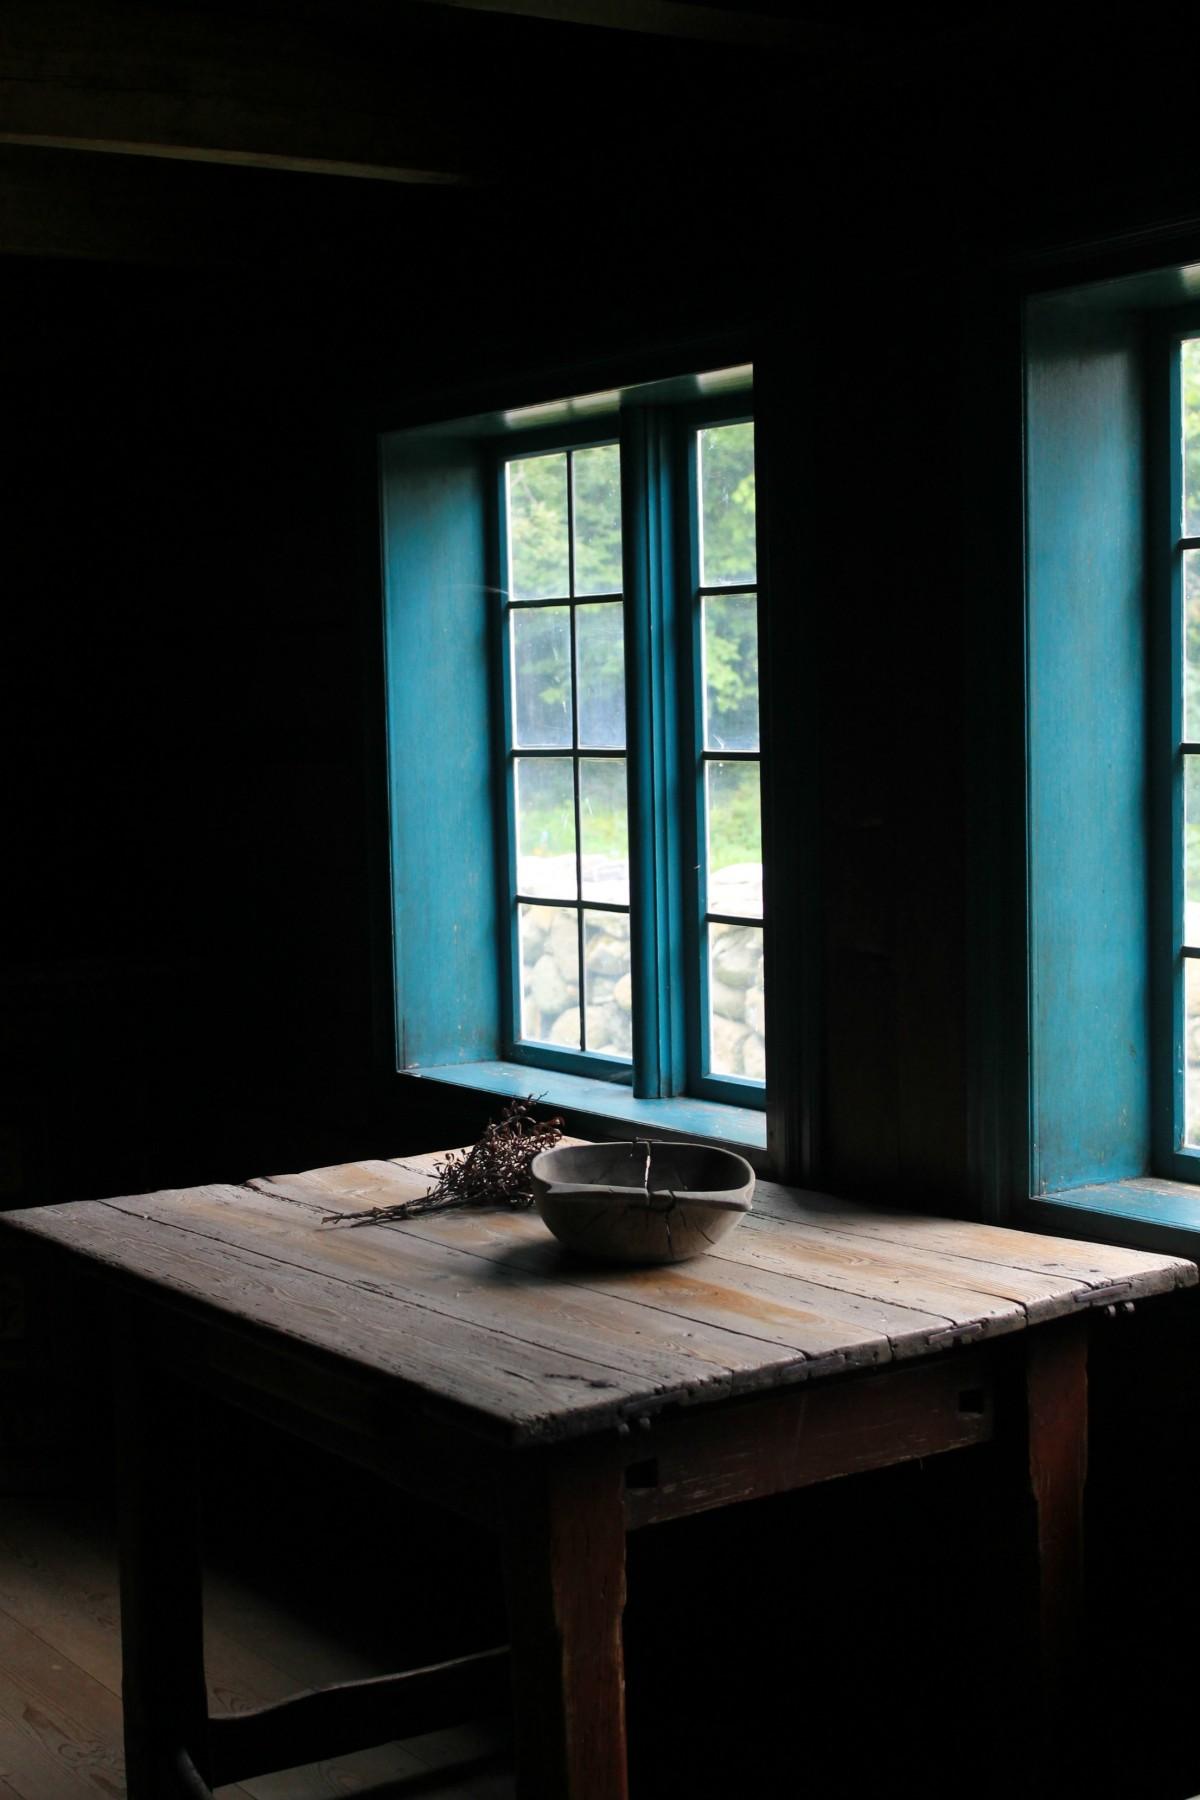 images gratuites chaise maison d coration salon lampe meubles chambre d jeuner. Black Bedroom Furniture Sets. Home Design Ideas